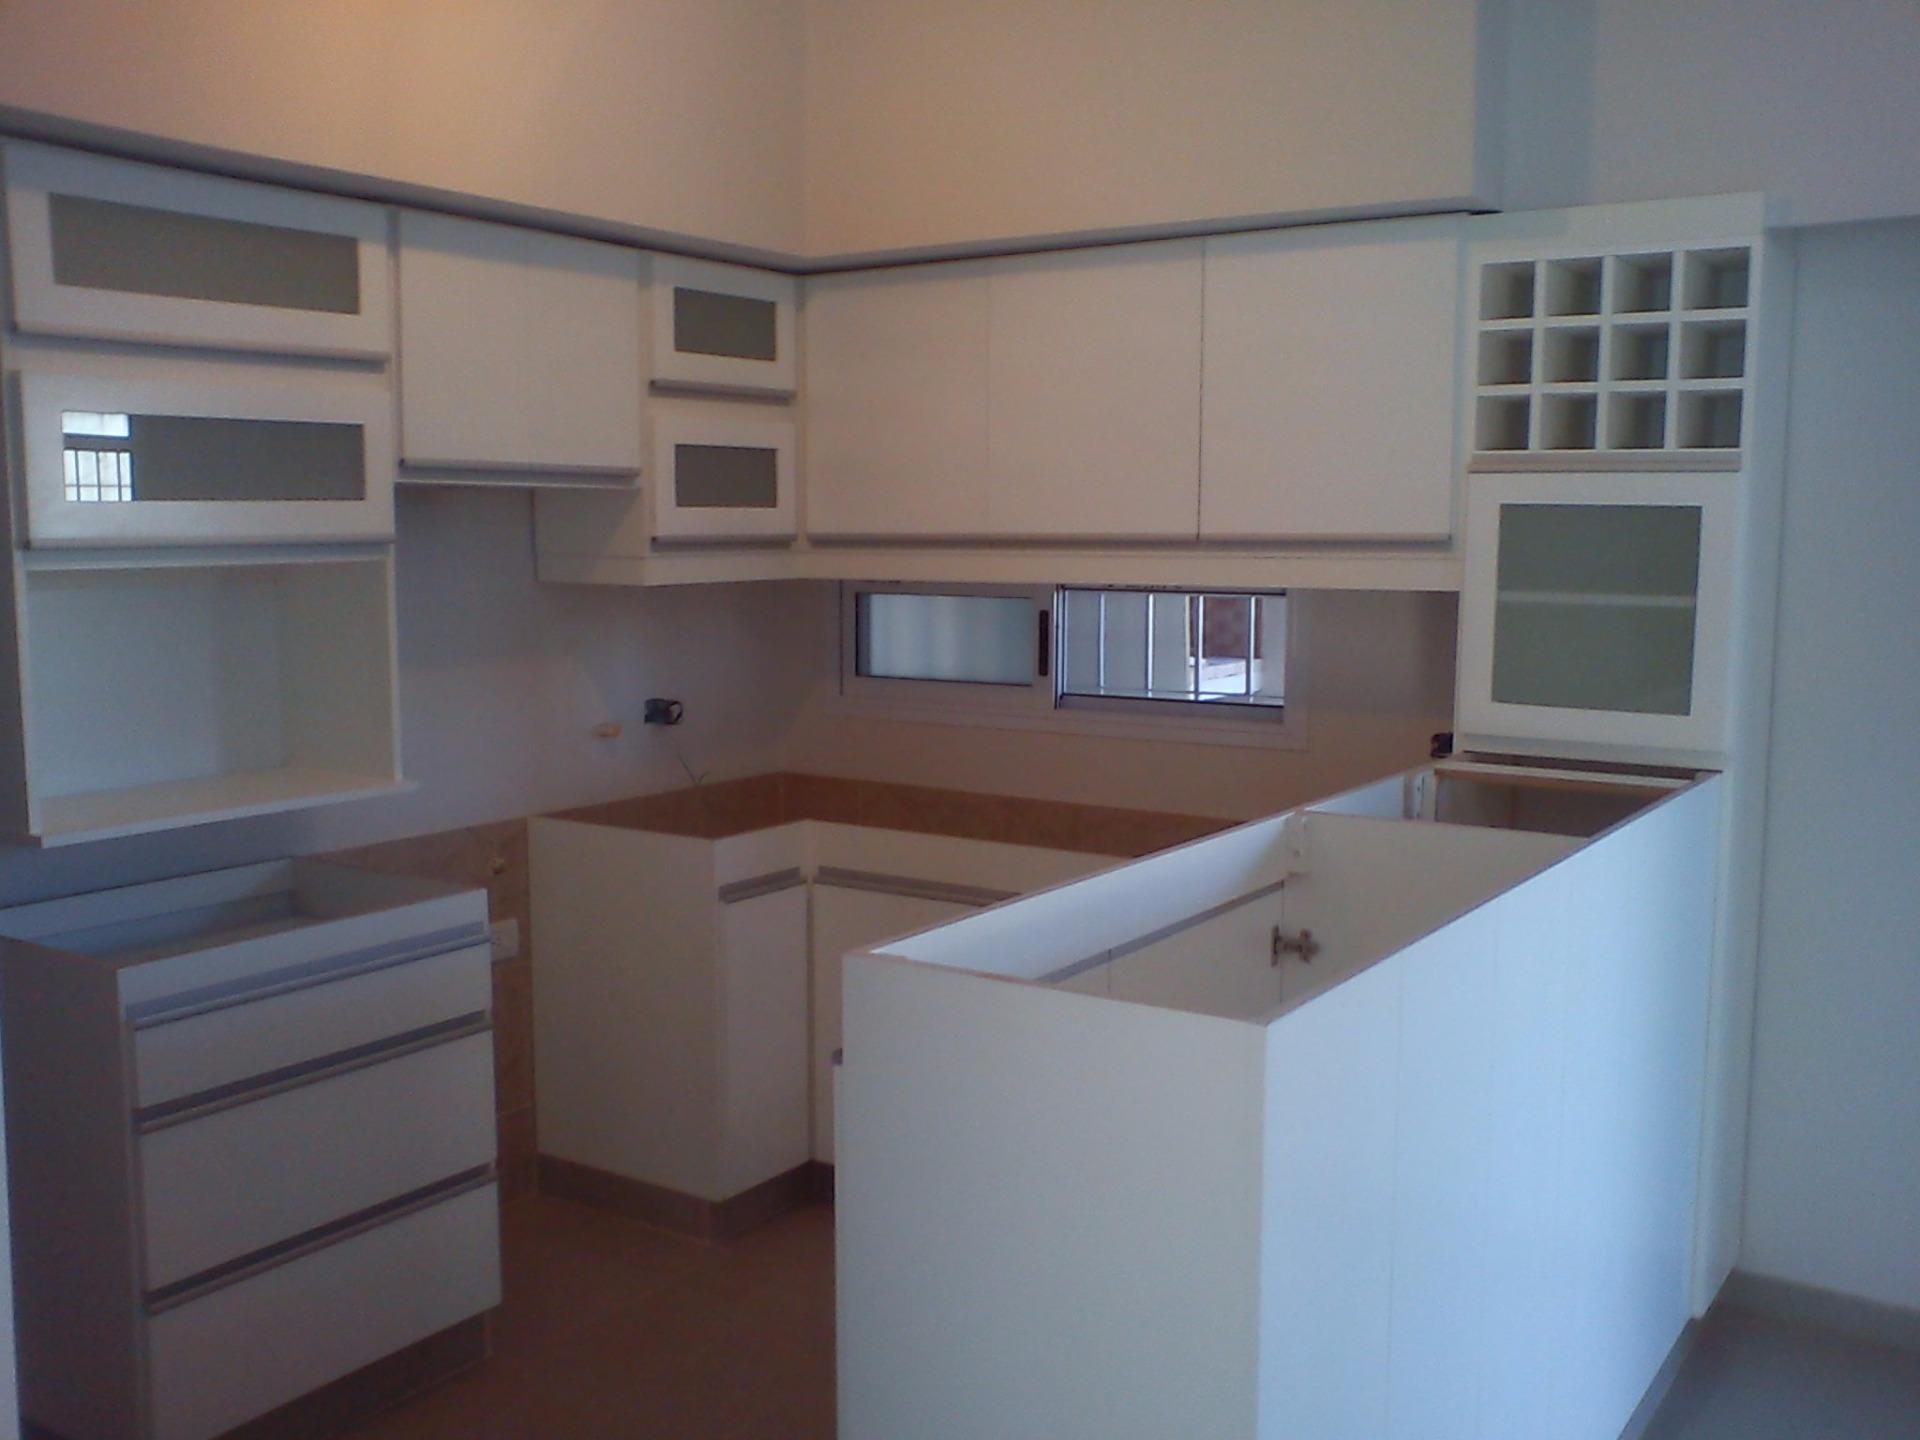 Muebles De Cocina Imettco # Muebles Para Nivel Inicial